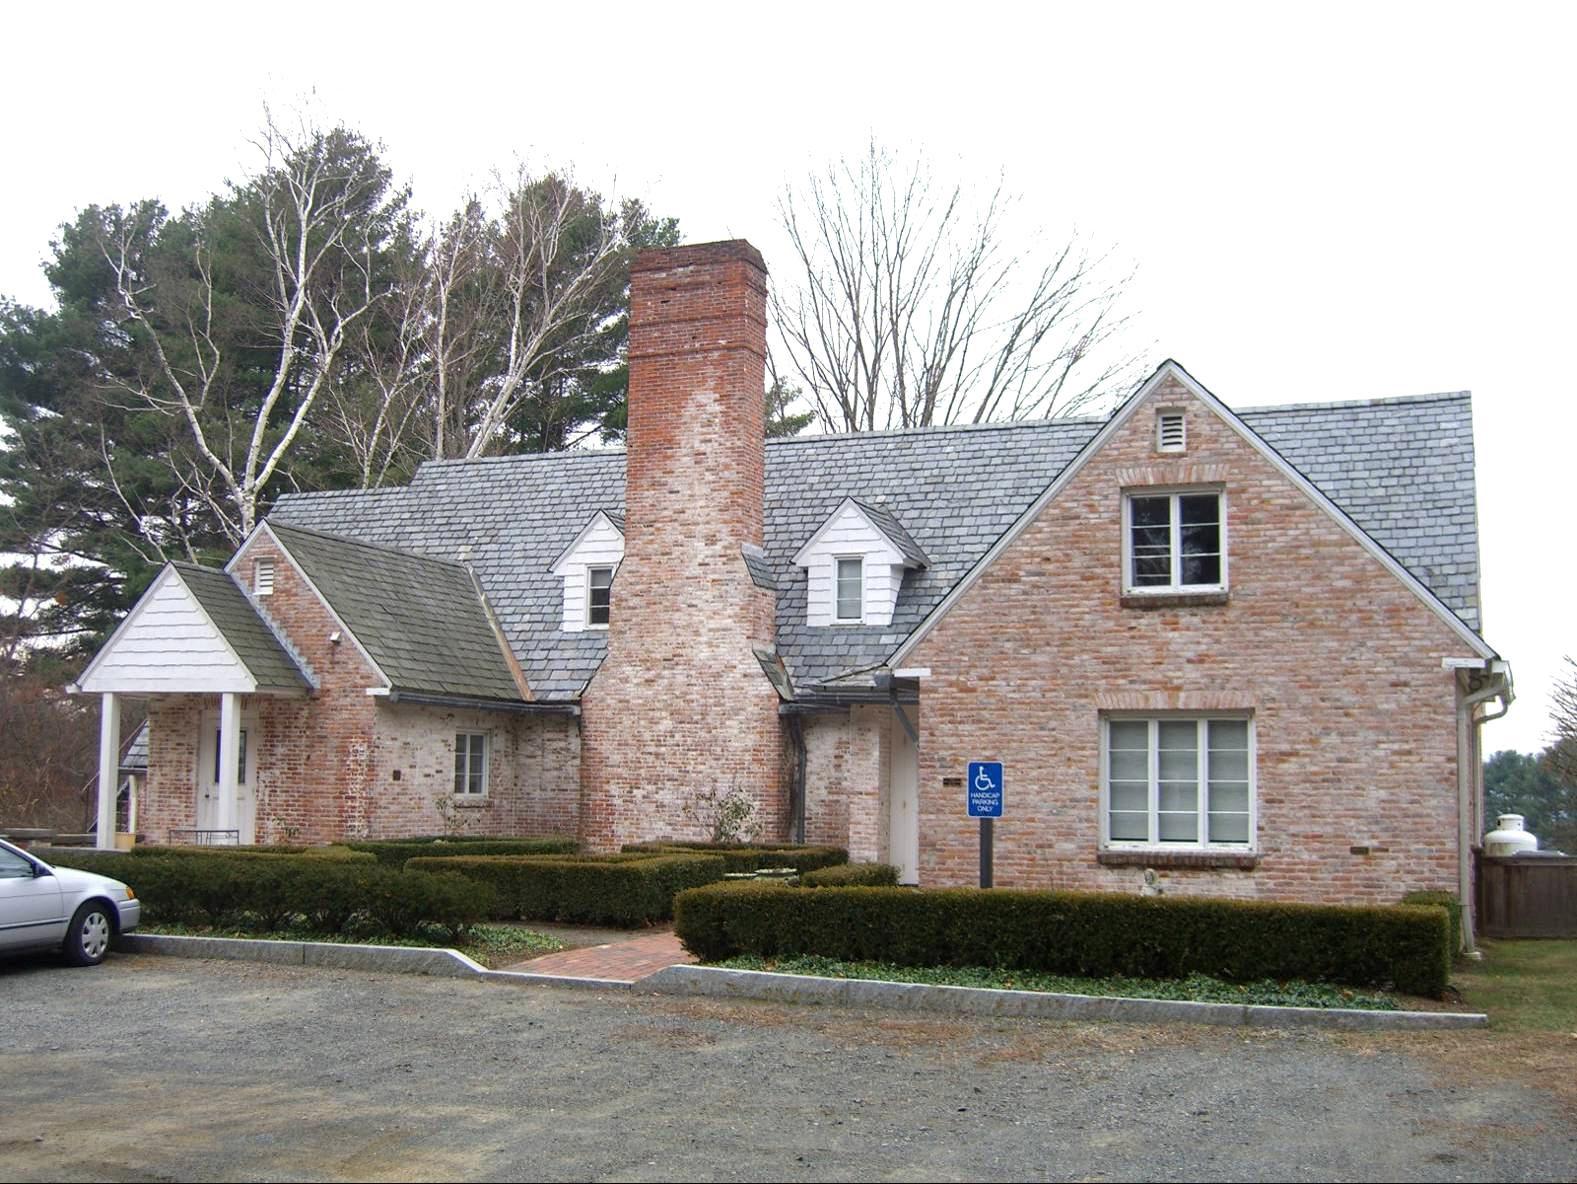 Dakin House